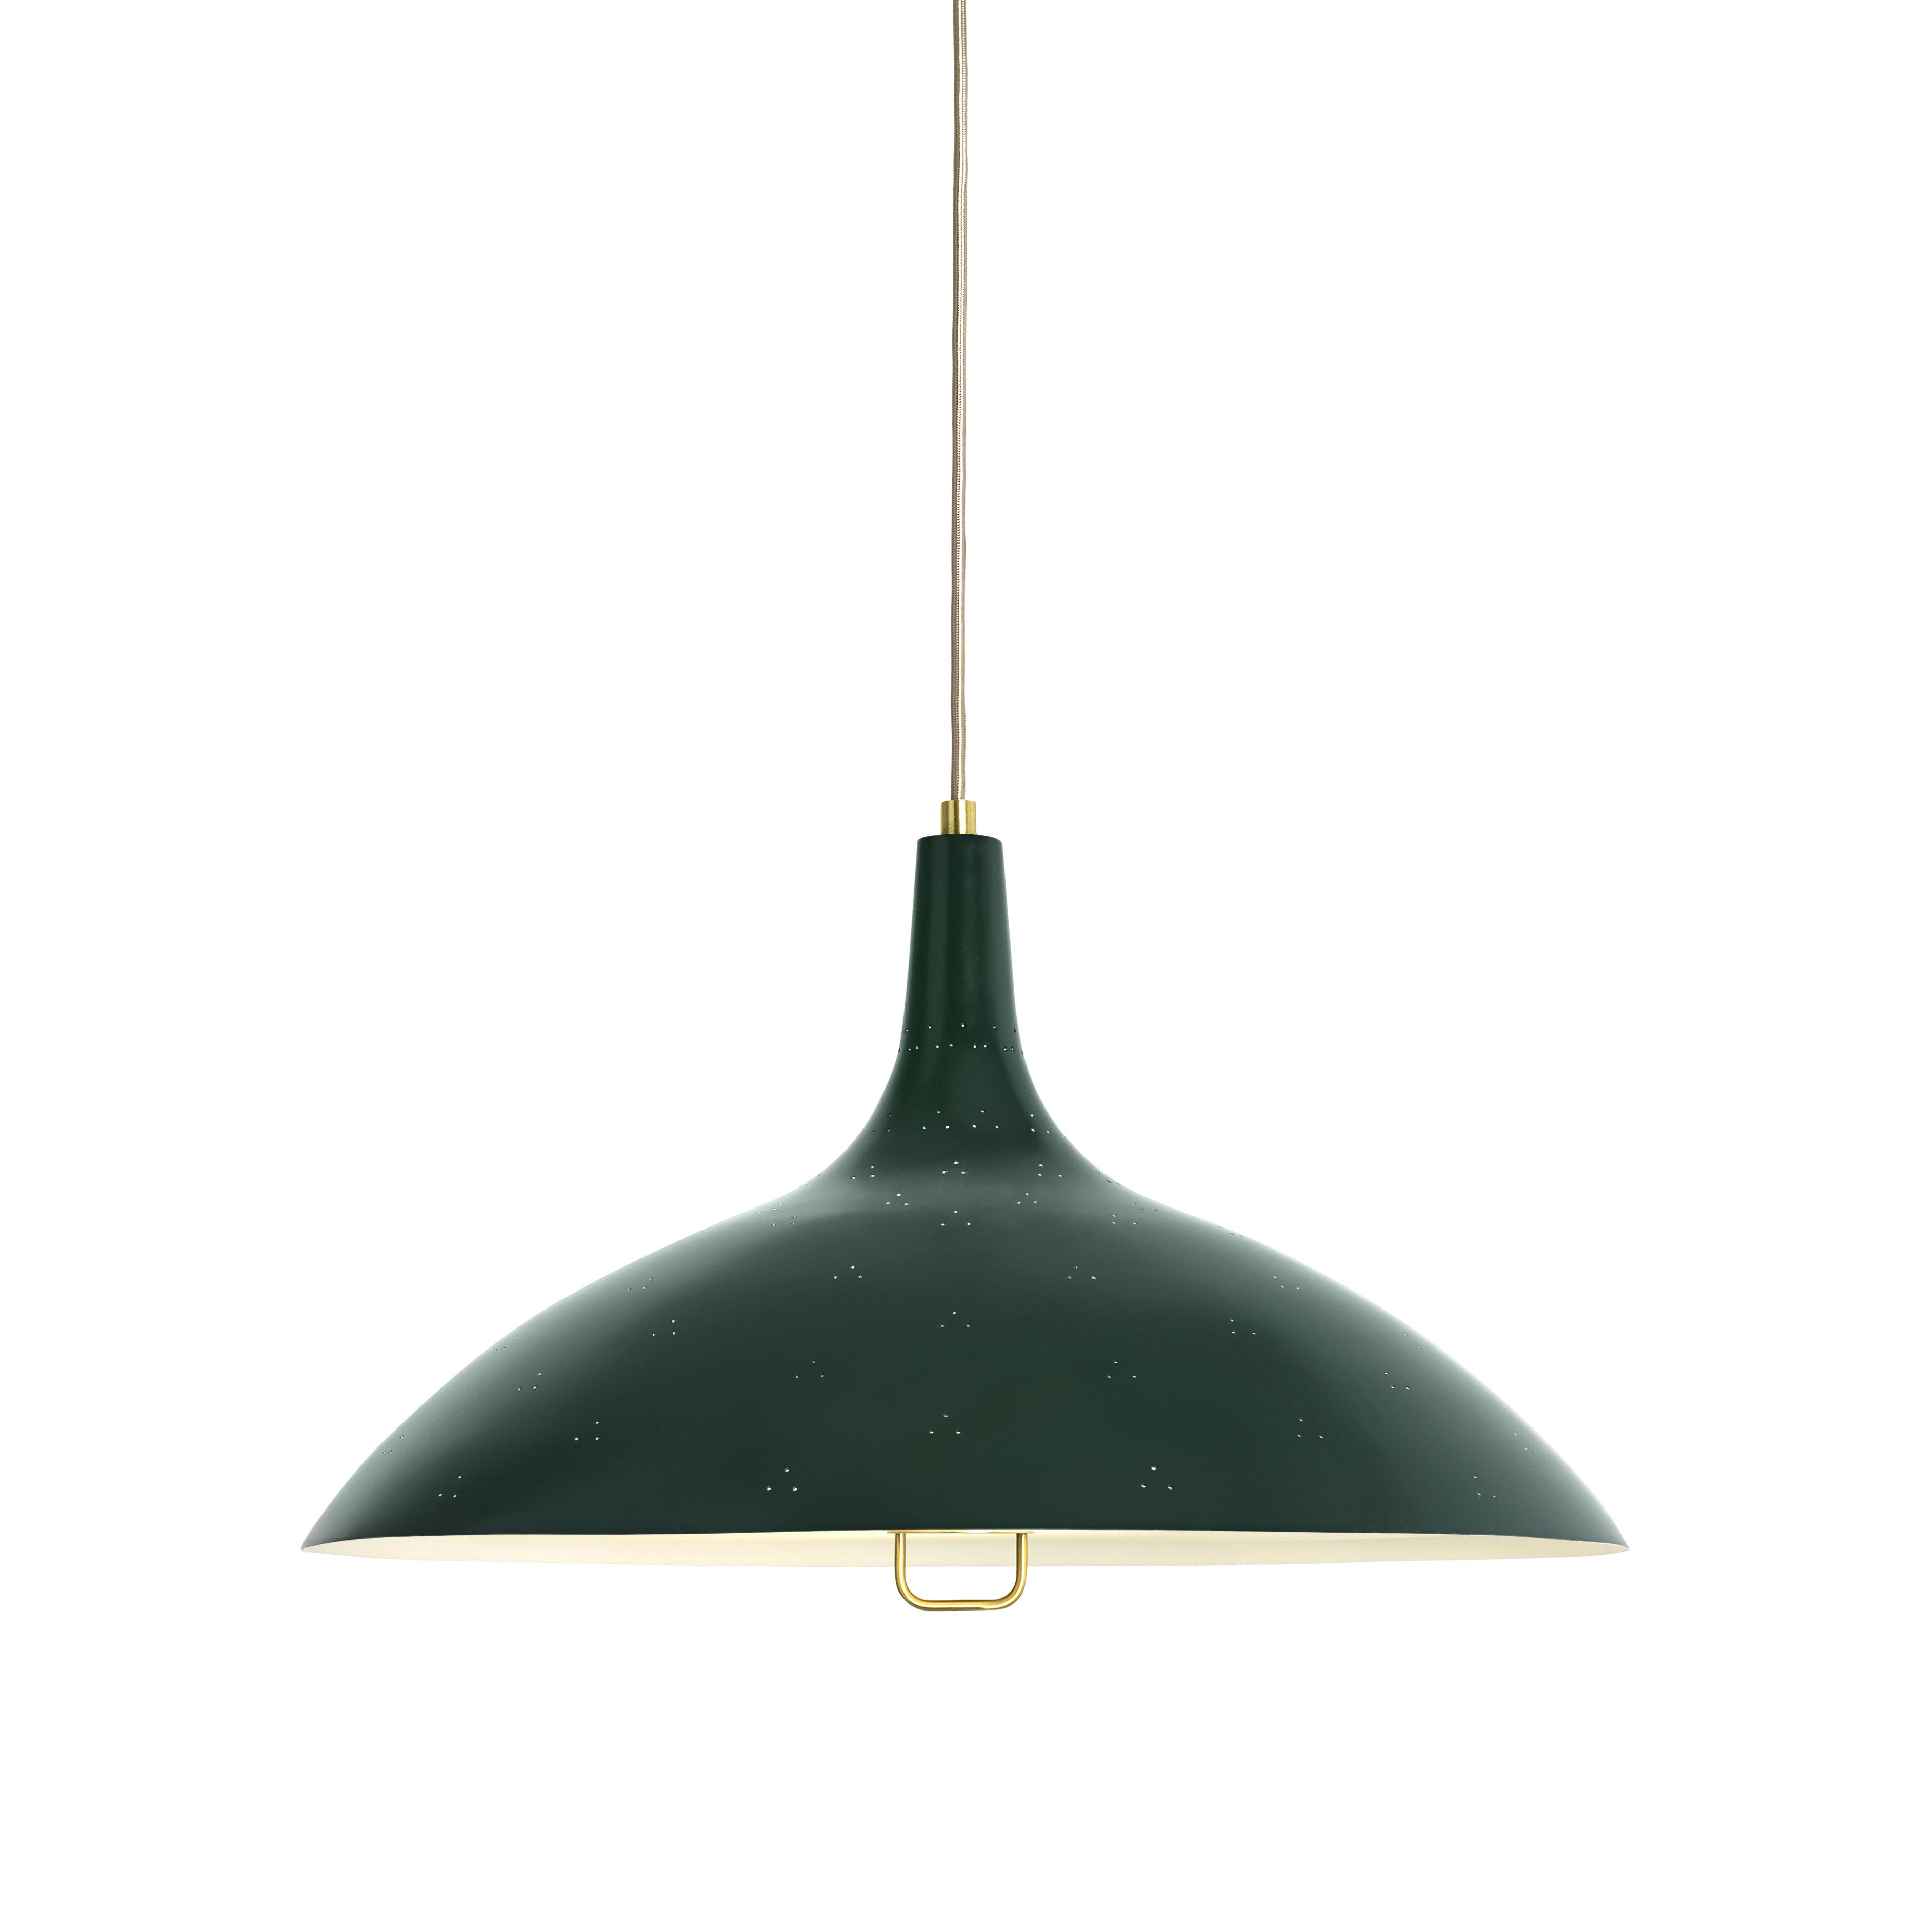 Luminaire - Suspensions - Suspension 1965 / Ø 46 cm - Réédition 1947 - Gubi - Vert - Laiton peint, Verre dépoli